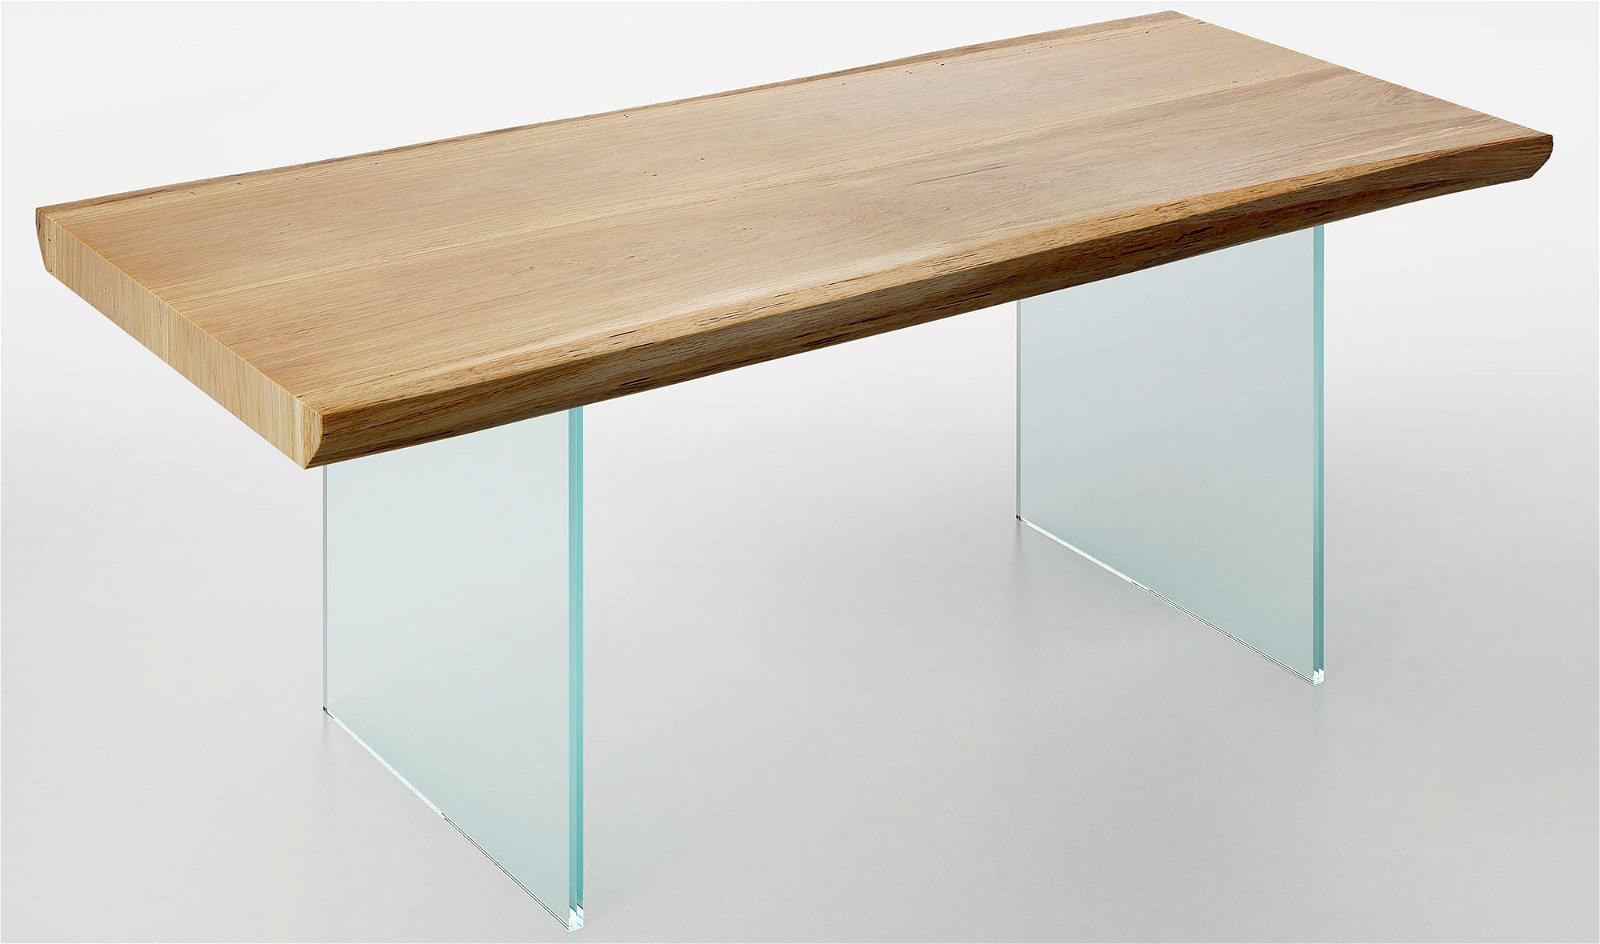 Mesa de comedor madera maciza roble Teleorman